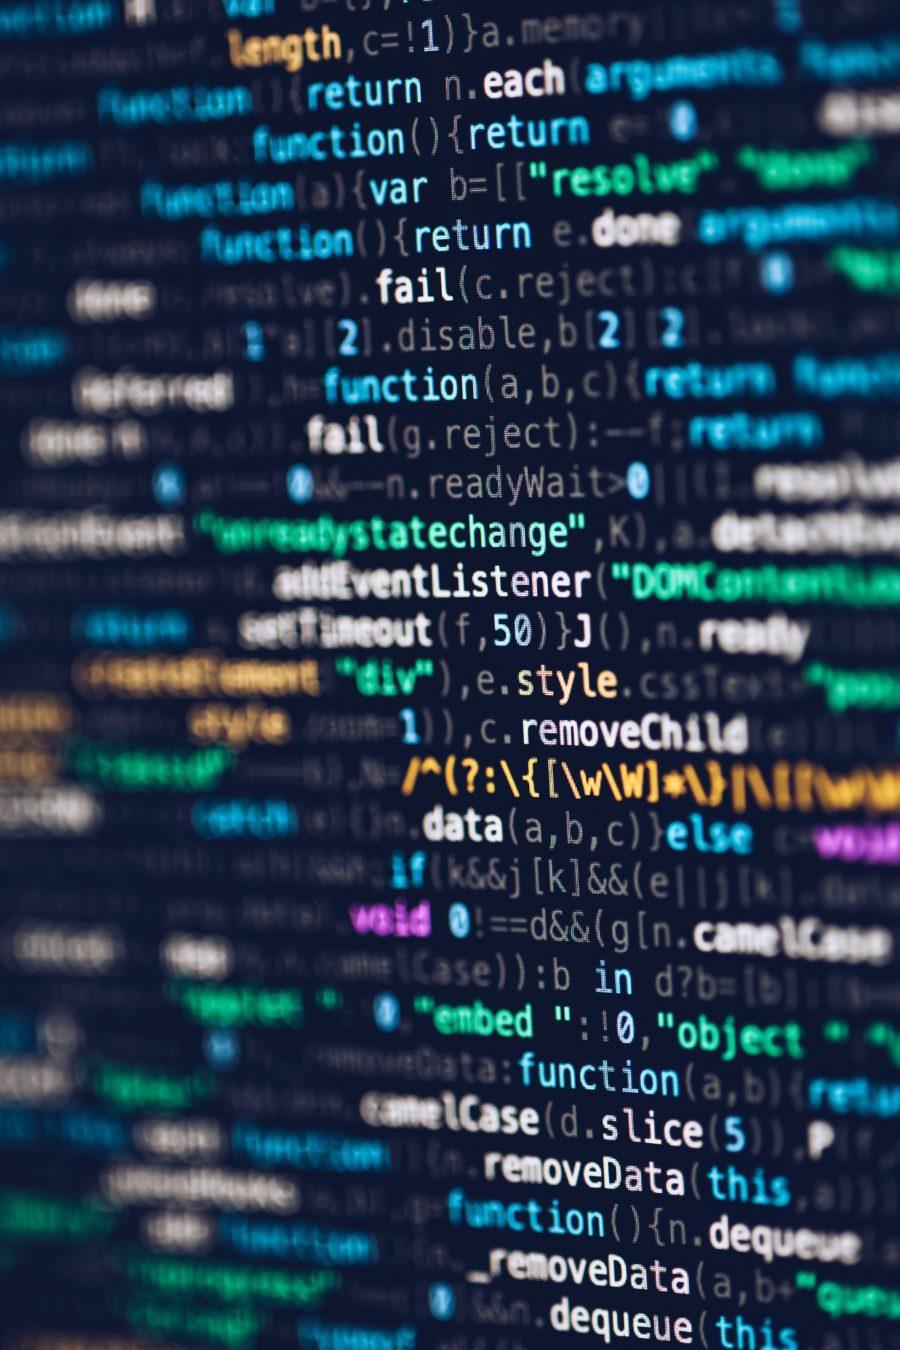 image of website code